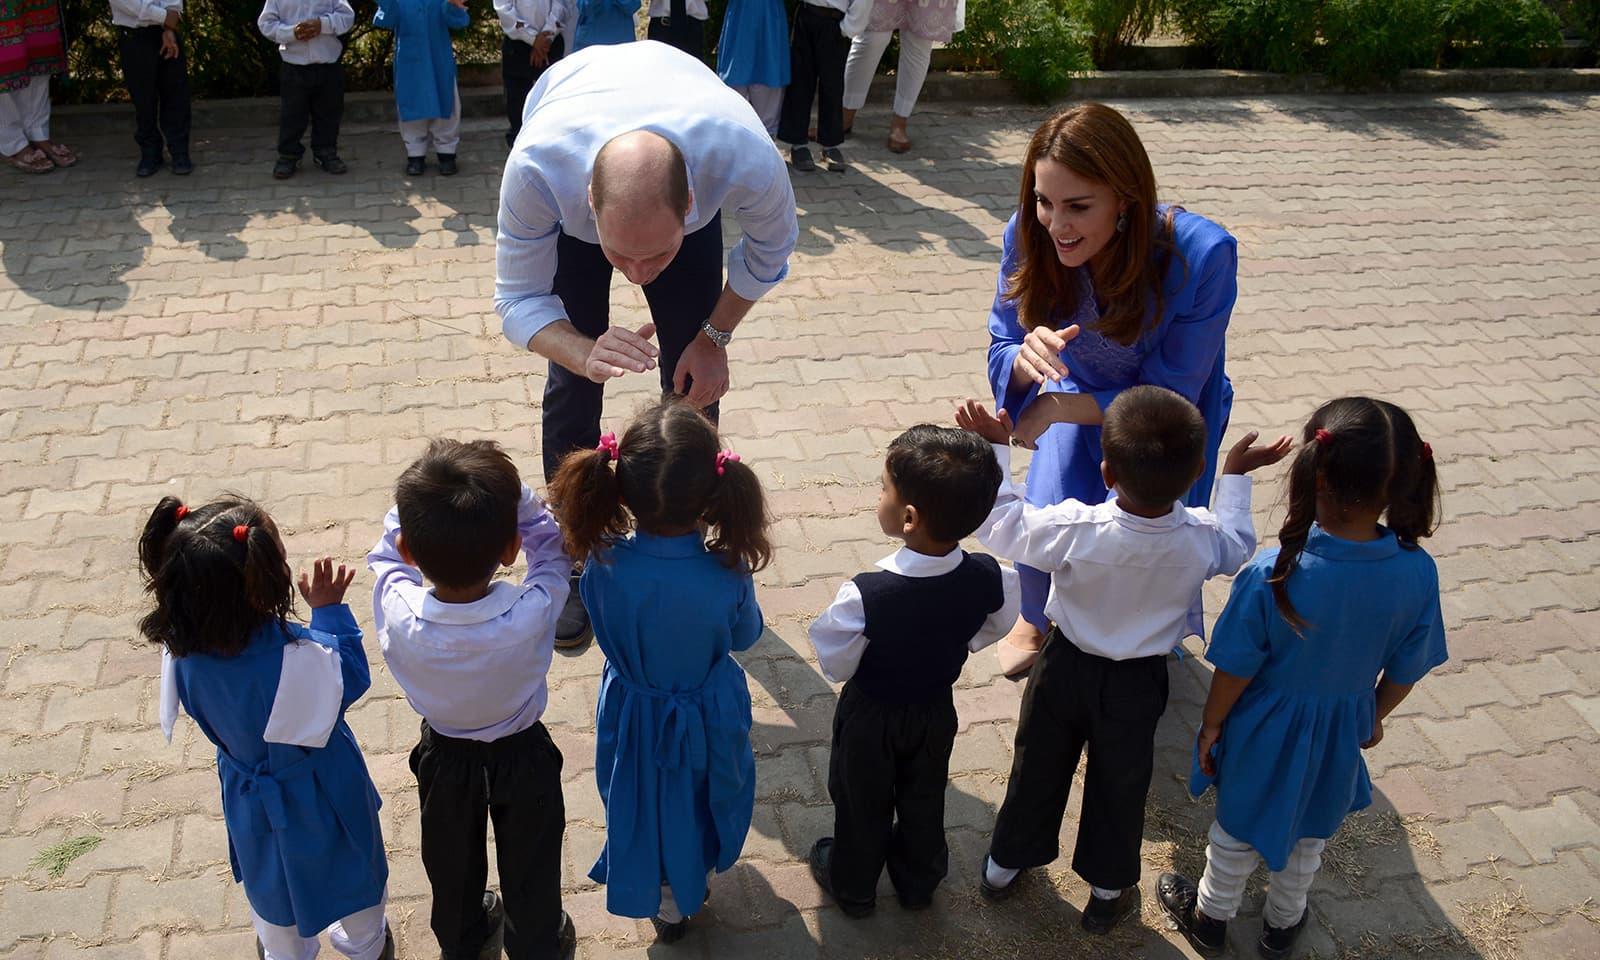 برطانوی شہزادے اور ان کی اہلیہ نے گورنمنٹ گرلز ہائی اسکول اسلام آباد کا دورہ کیا — فوٹو: اے پی پی